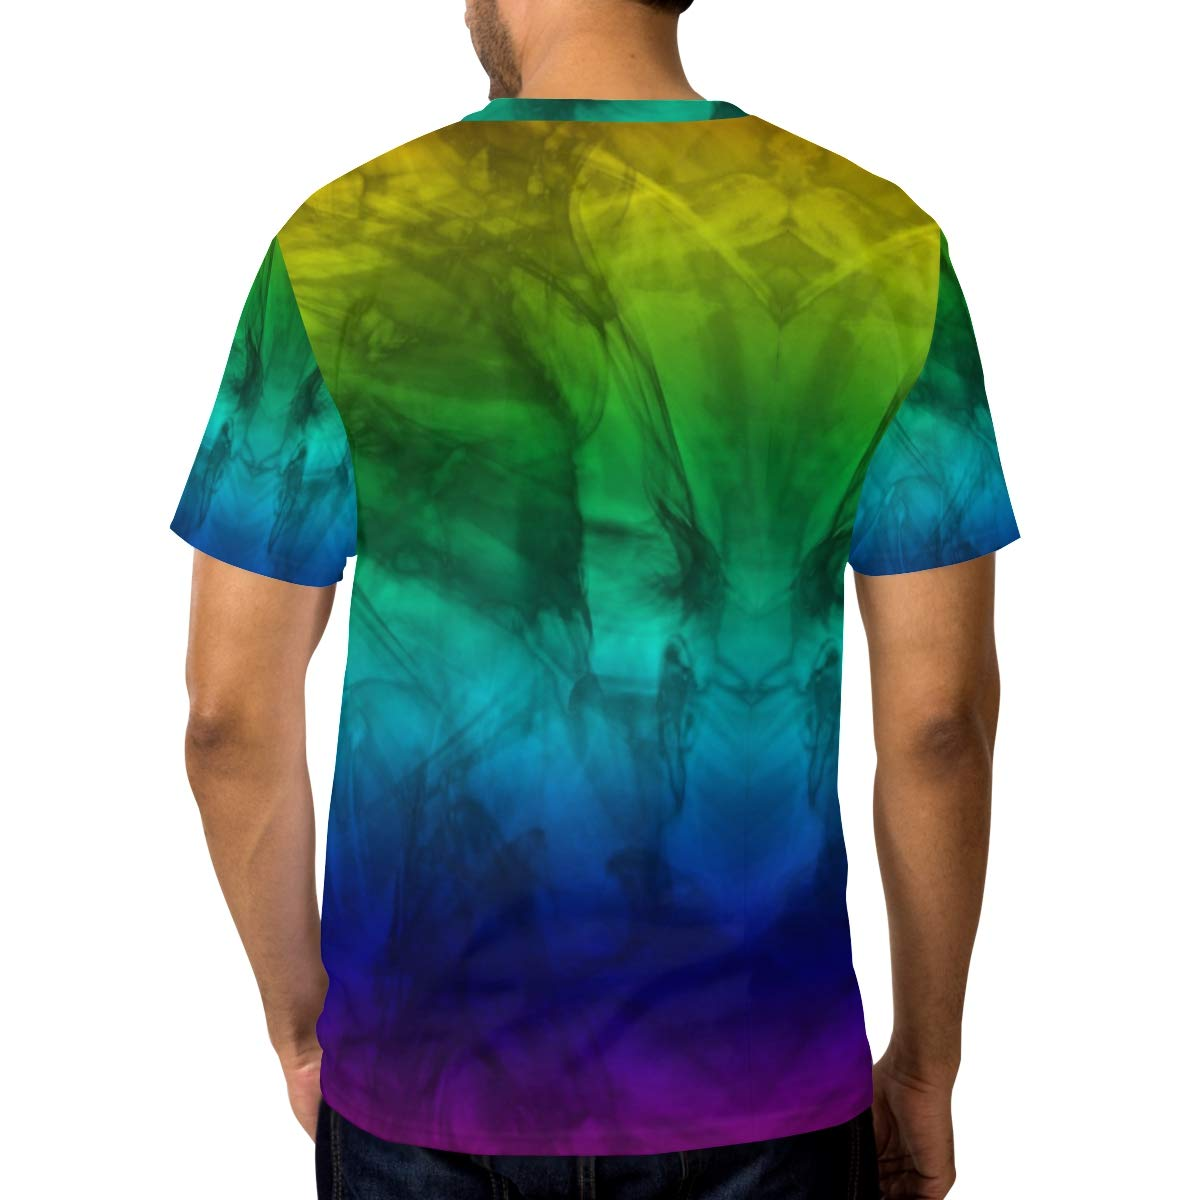 9de6dc00df494 Jonassk Woolffk Marble Fade Color Men's Short Sleeve T-Shirt Royal Blue T- Shirt Men's Workwear Pocket Short Sleeve T-Shirt Men's Round Neck T-Shirt  ...